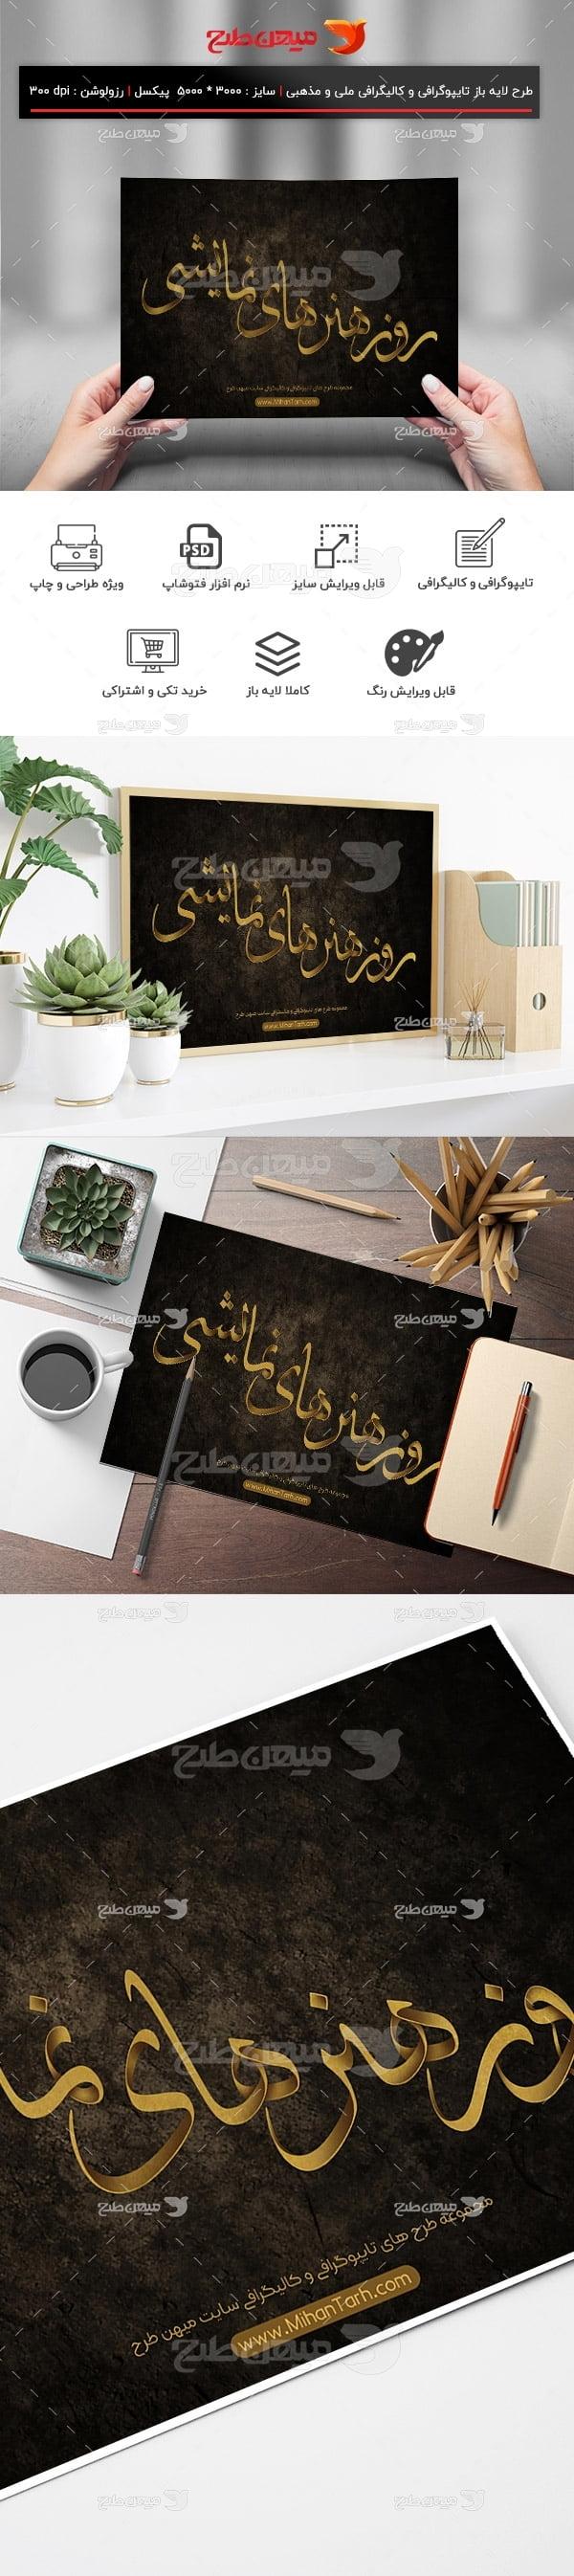 طرح لایه باز تایپوگرافی و کالیگرافی روز هنرهای نمایشی